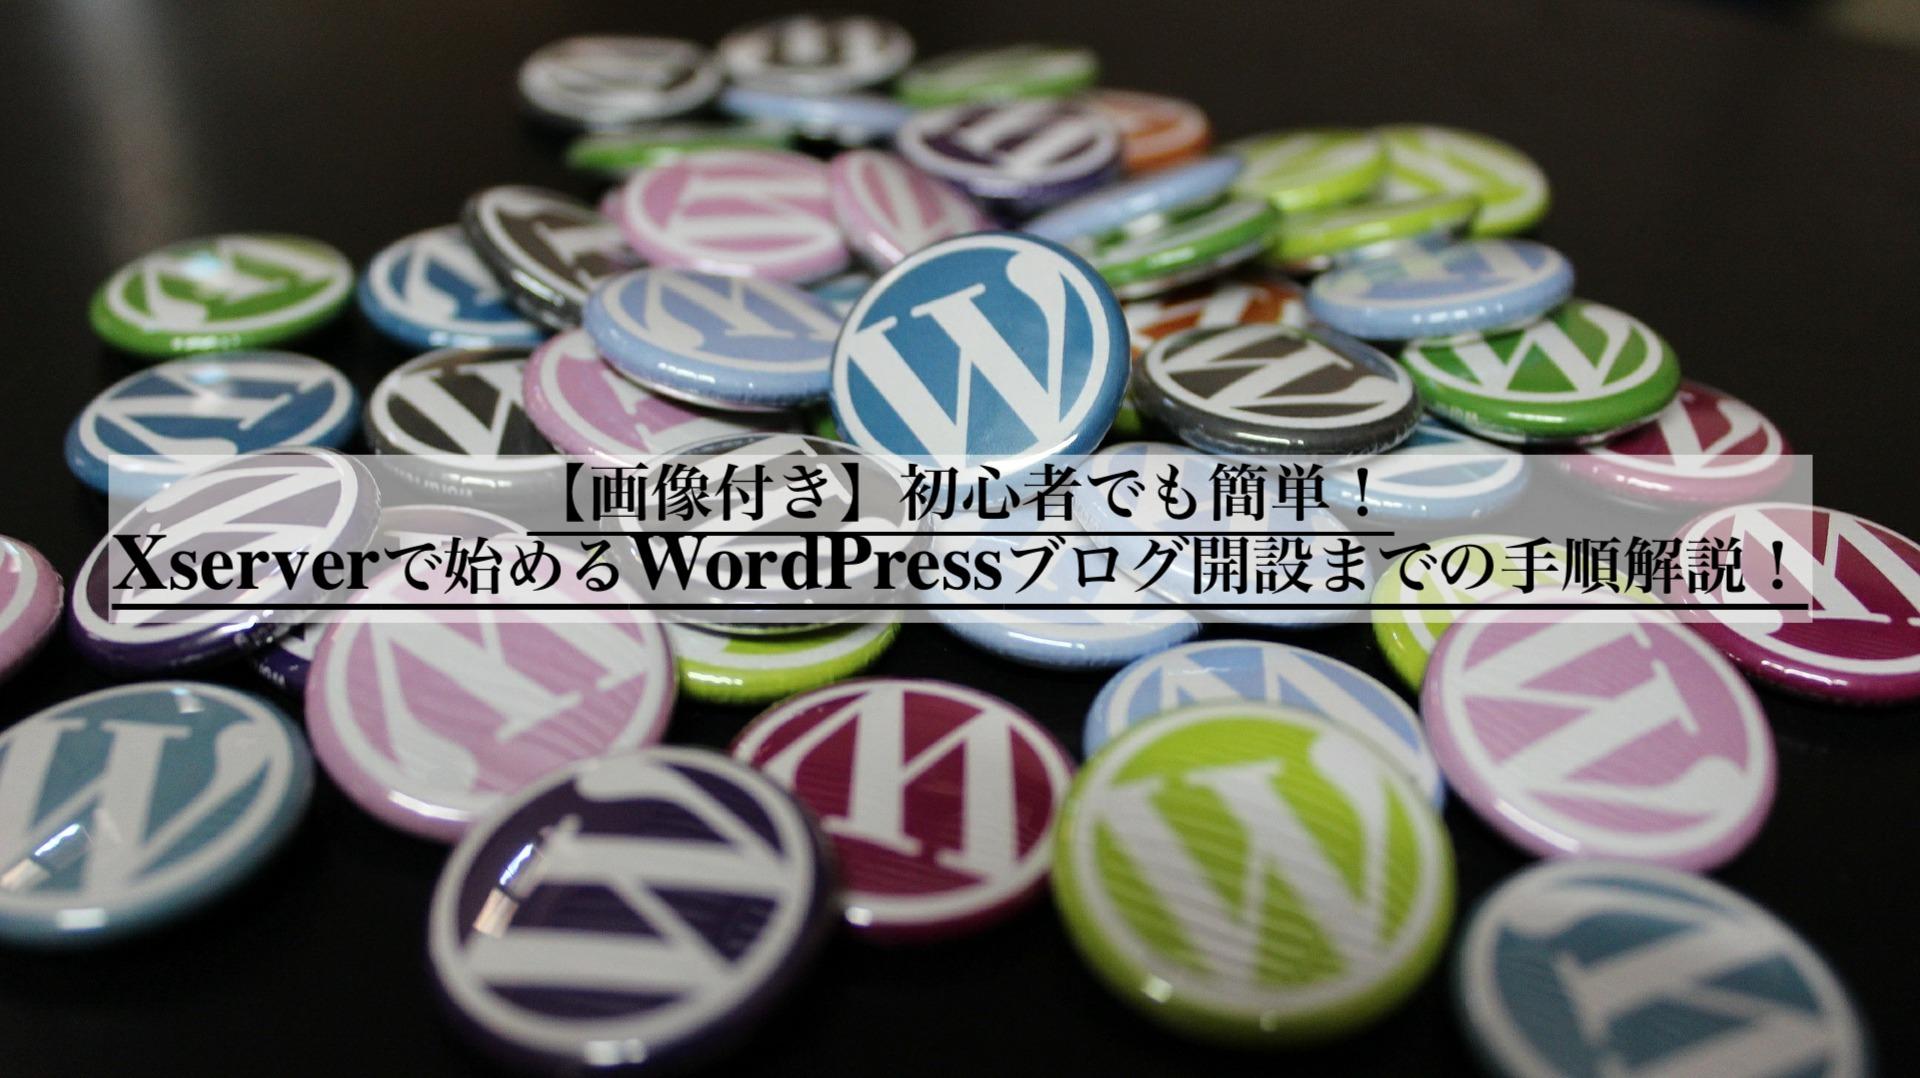 【画像付き】初心者でも簡単!Xserverで始めるWordPressブログ開設までの手順解説!